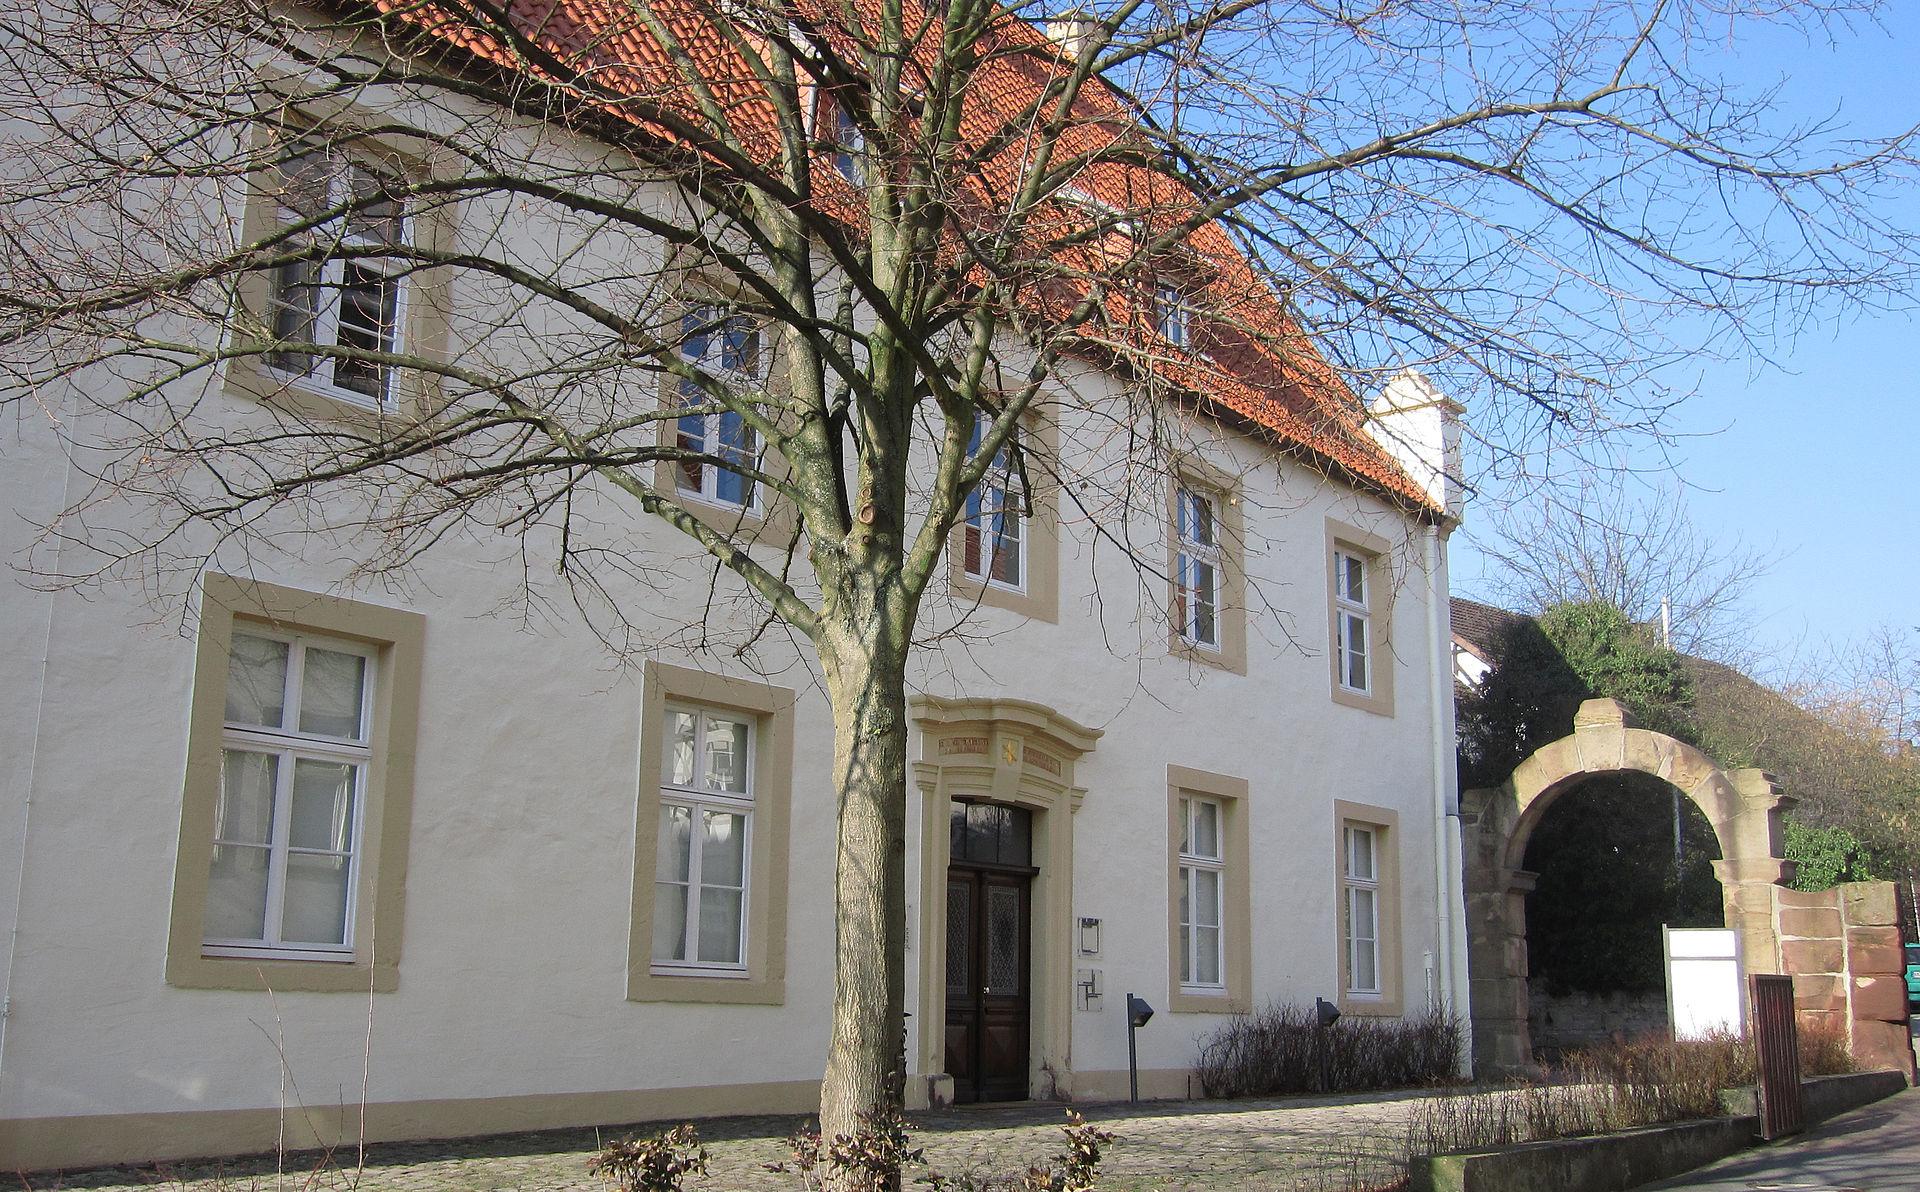 Bild Museum im Stern Warburg